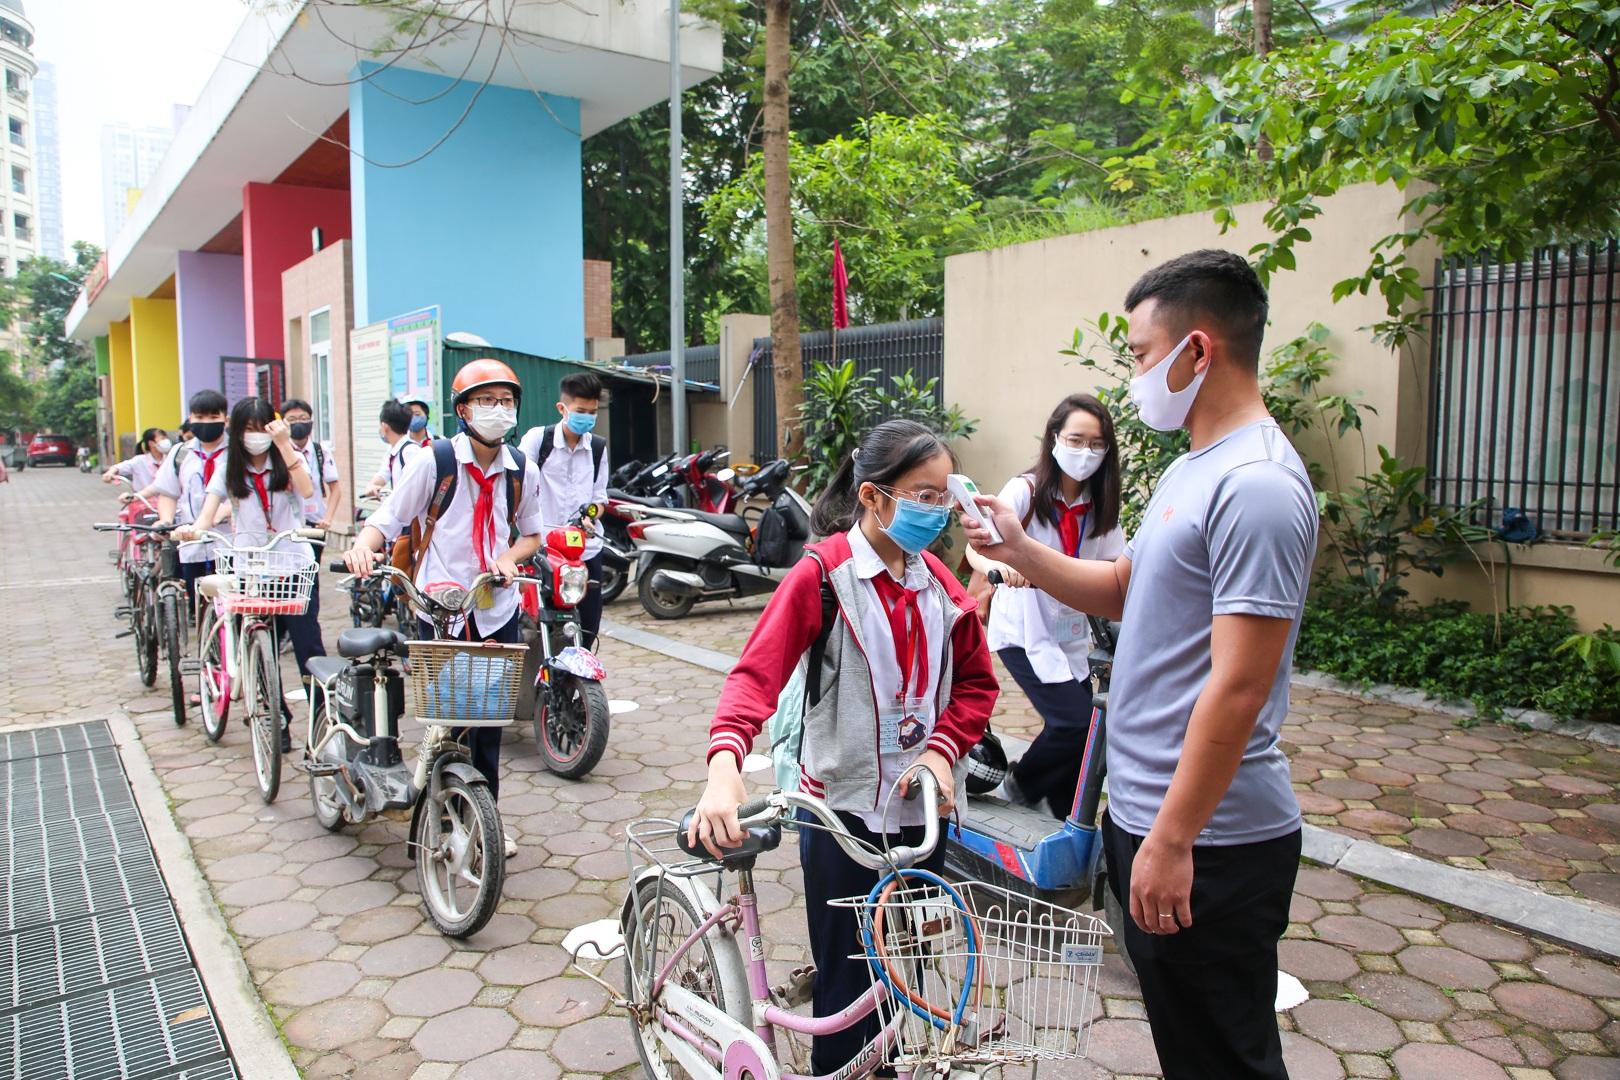 Tiết học đầu tiên giàu cảm xúc của học sinh Hà Nội sau 3 tháng nghỉ dịch - 19